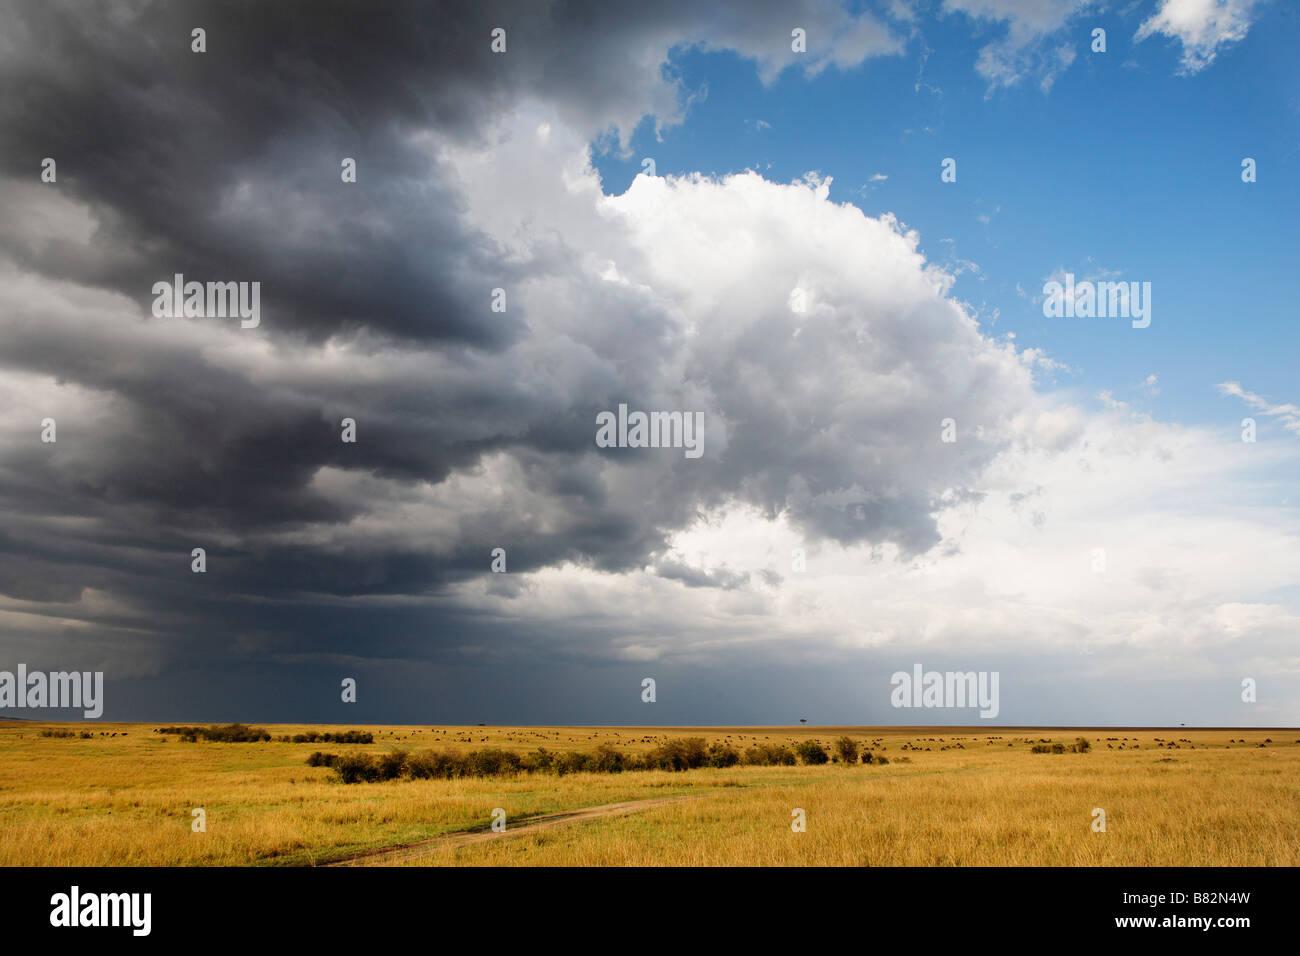 Gewitterwolken ziehen über die große weiten Ebenen der Serengeti in die Masai Mara Reserve, Kenia. Stockbild